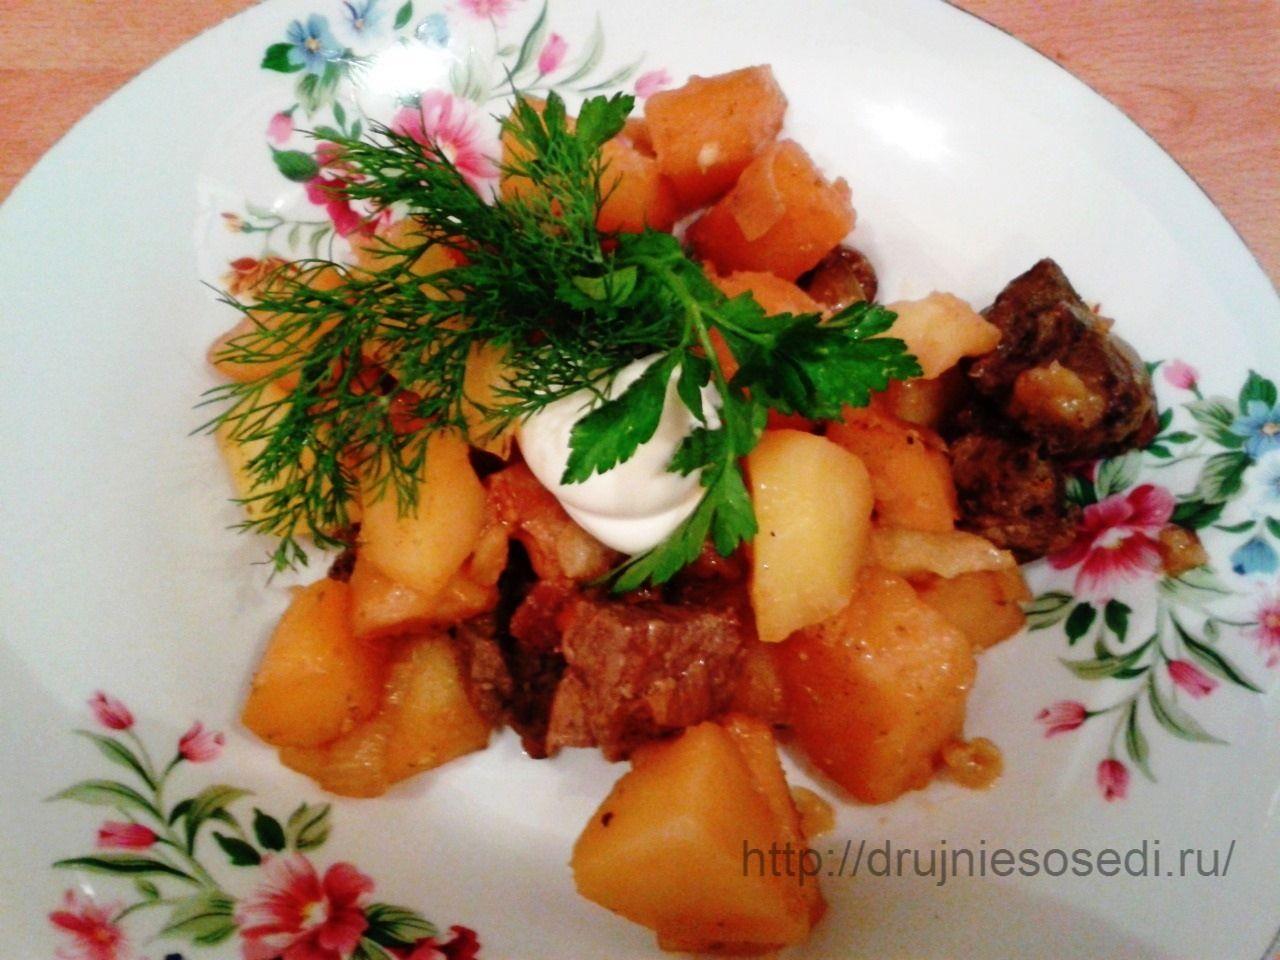 жаркое из печени с картофелем «По-деревенски» | Картофель ...